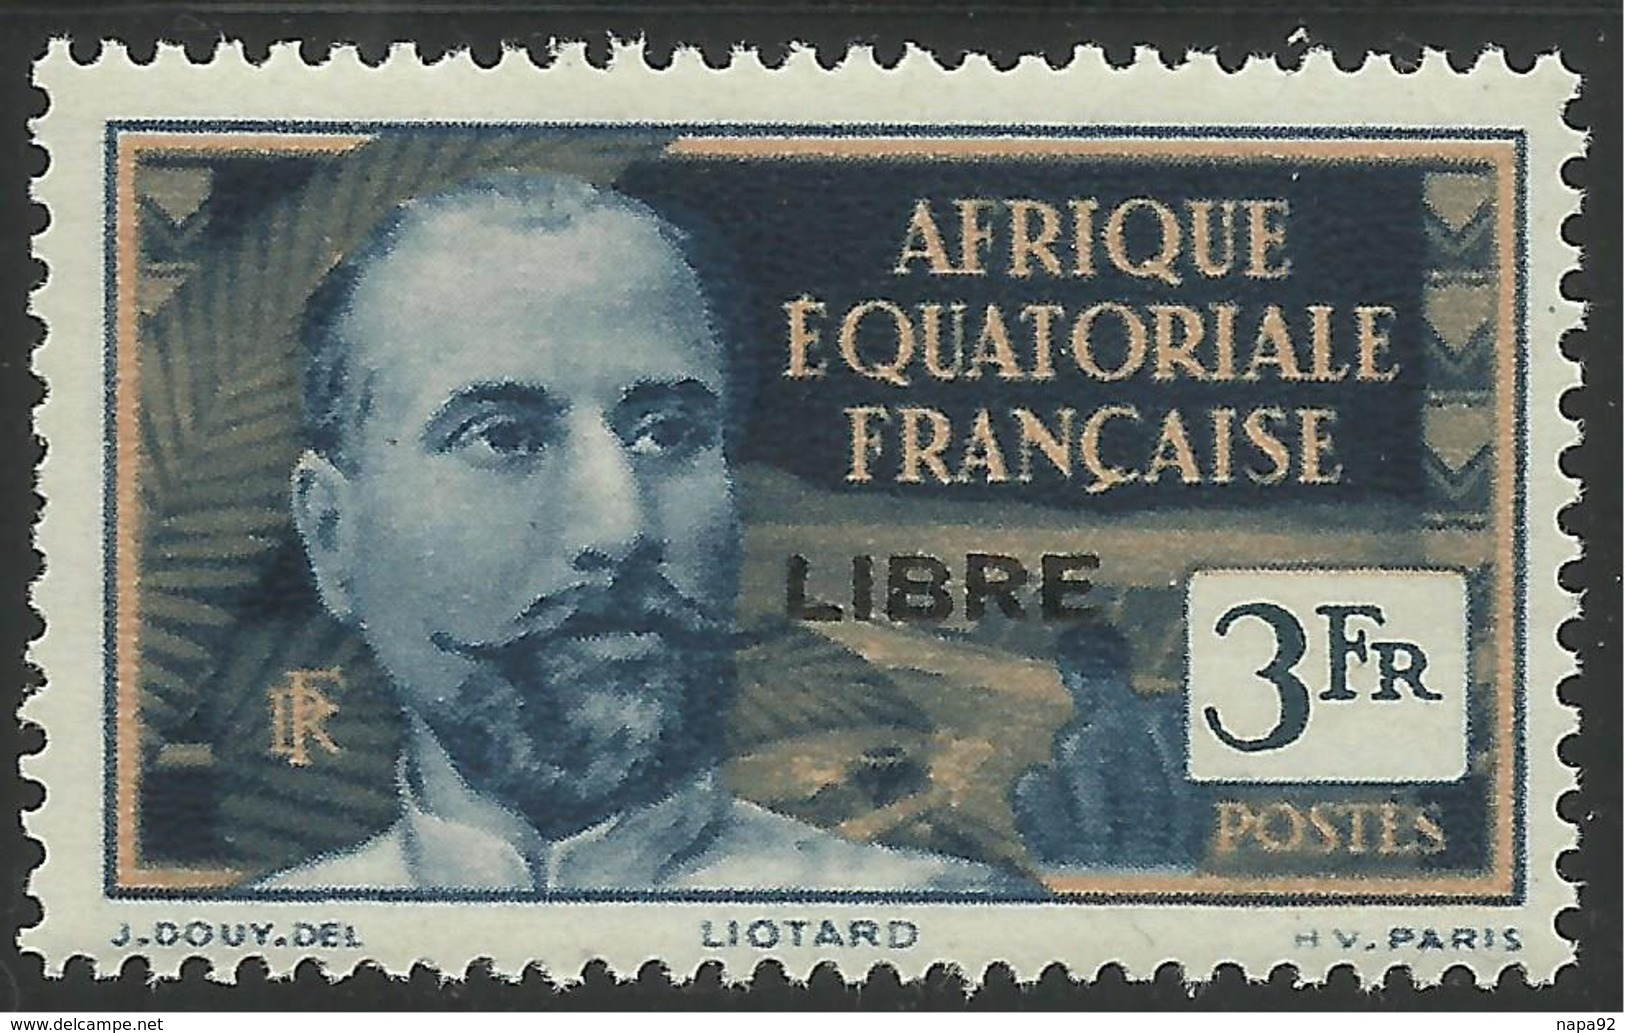 AFRIQUE EQUATORIALE FRANCAISE - AEF - A.E.F. - 1941 - YT 124** - Neufs